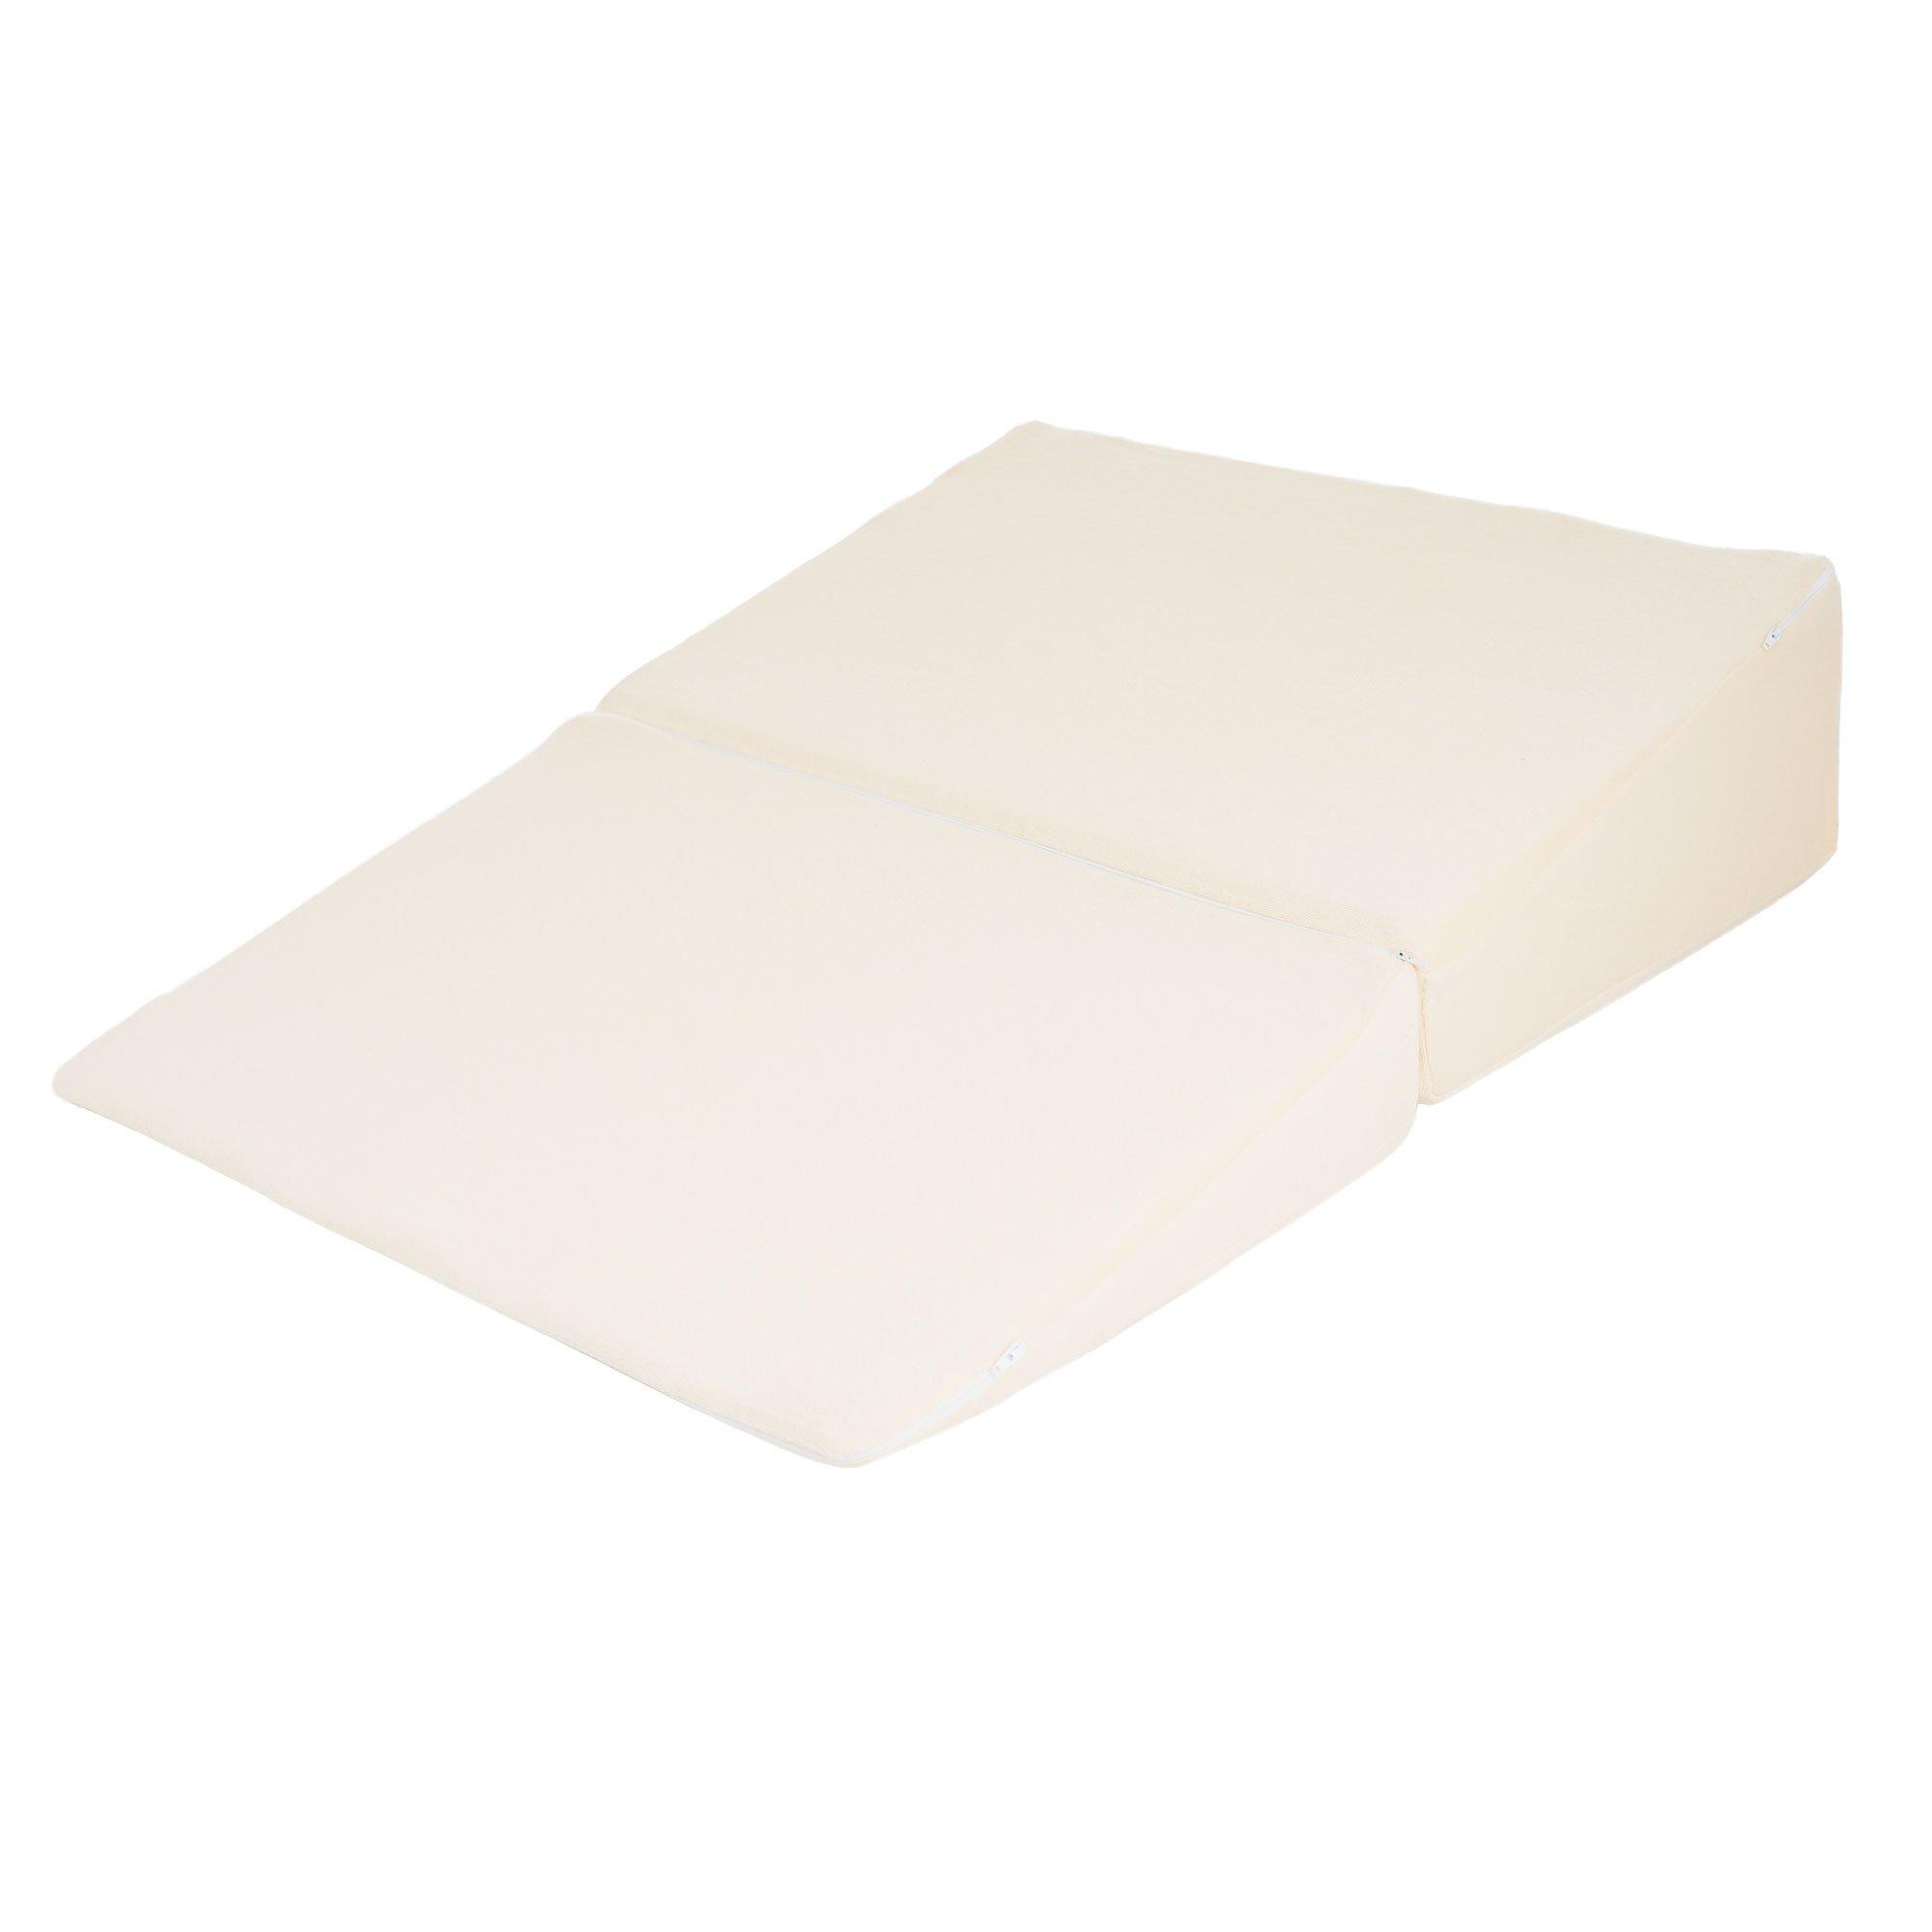 Lavish Home Folding Memory Pillow